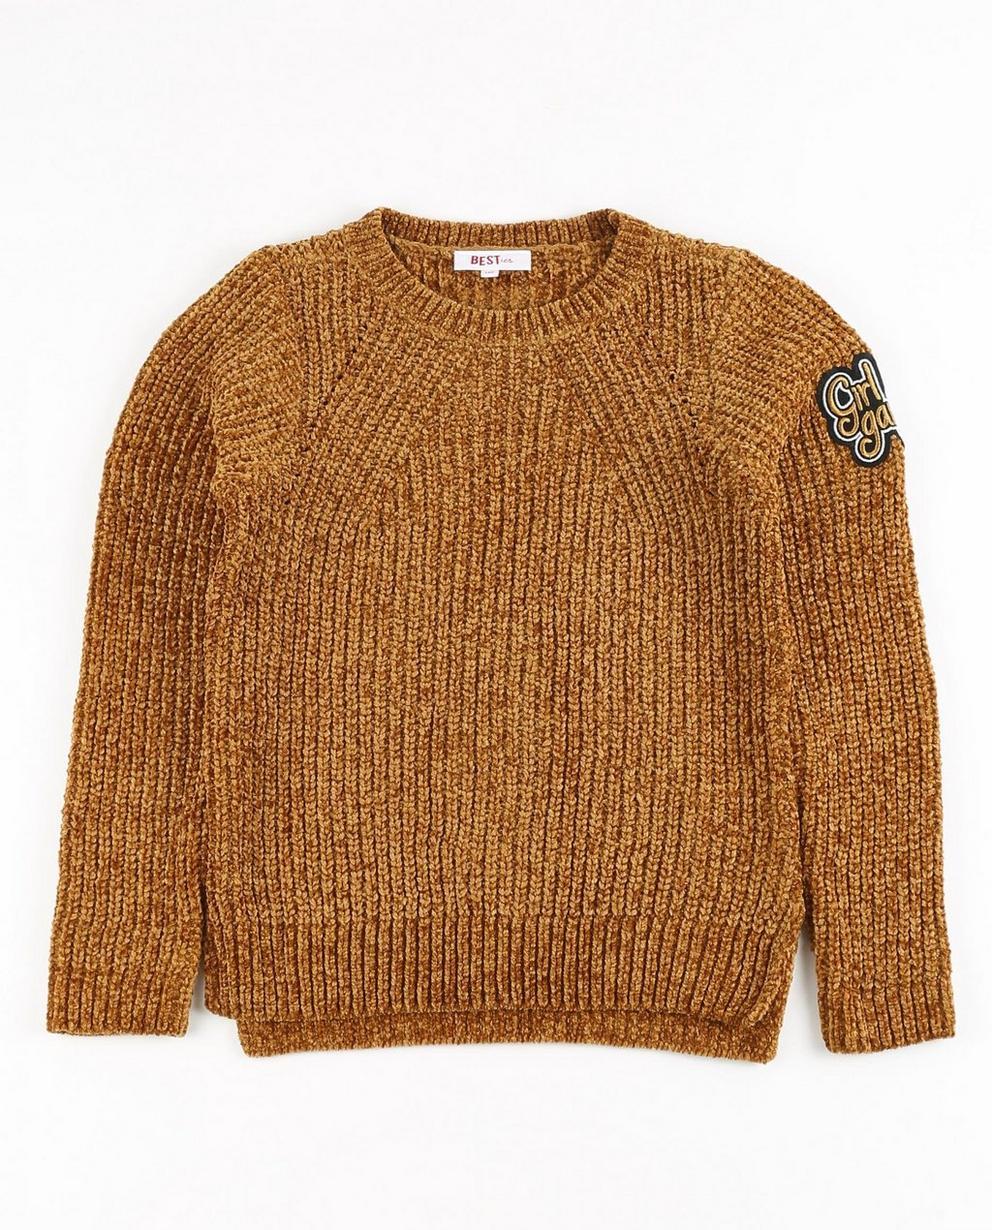 Lichtroze velvet sweater BESTies FR - null - Best price